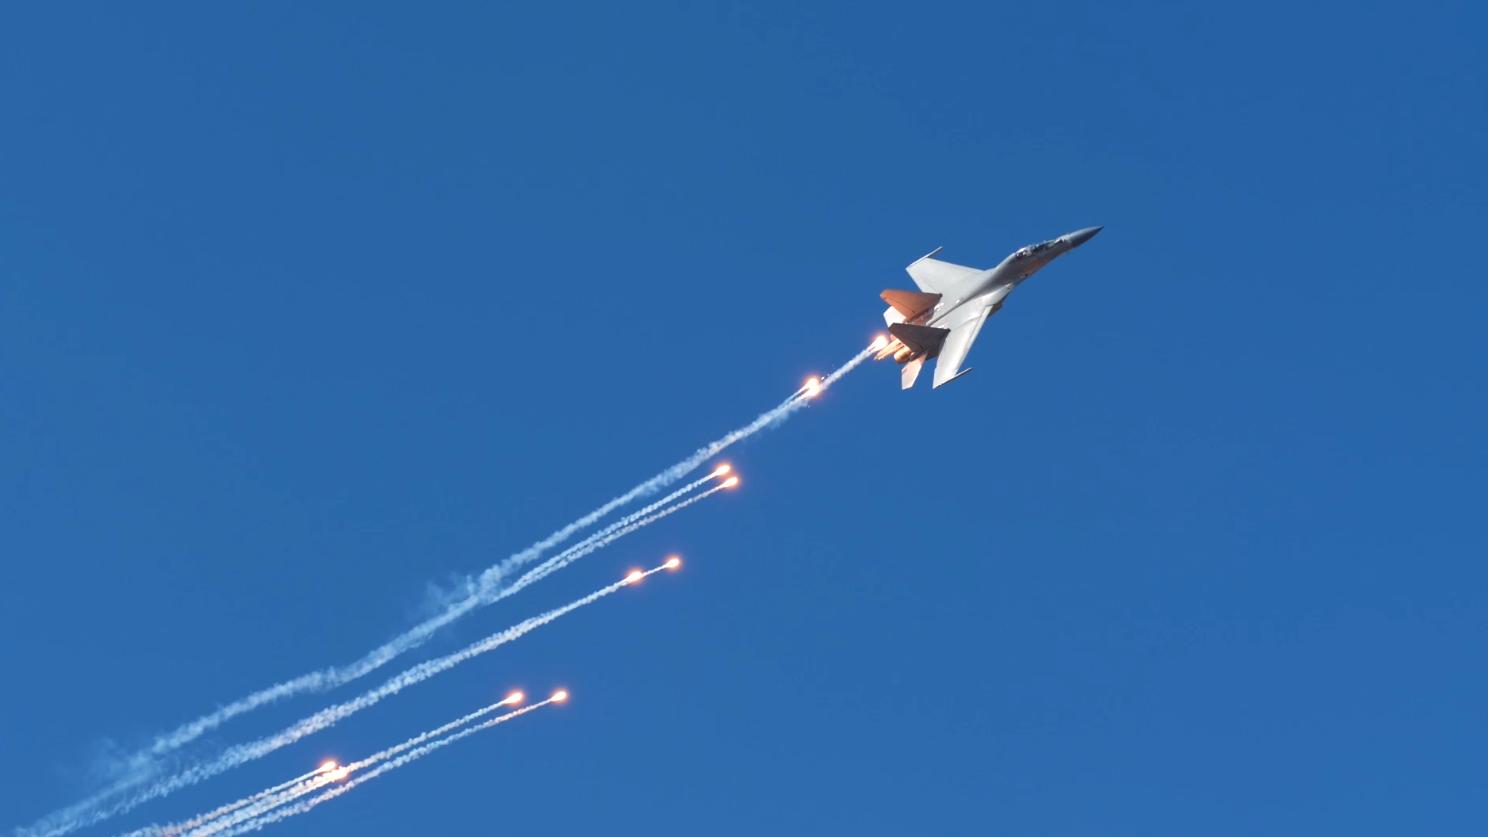 视频丨胸怀强军壮志 捍卫万里空天 热烈庆祝人民空军成立70周年